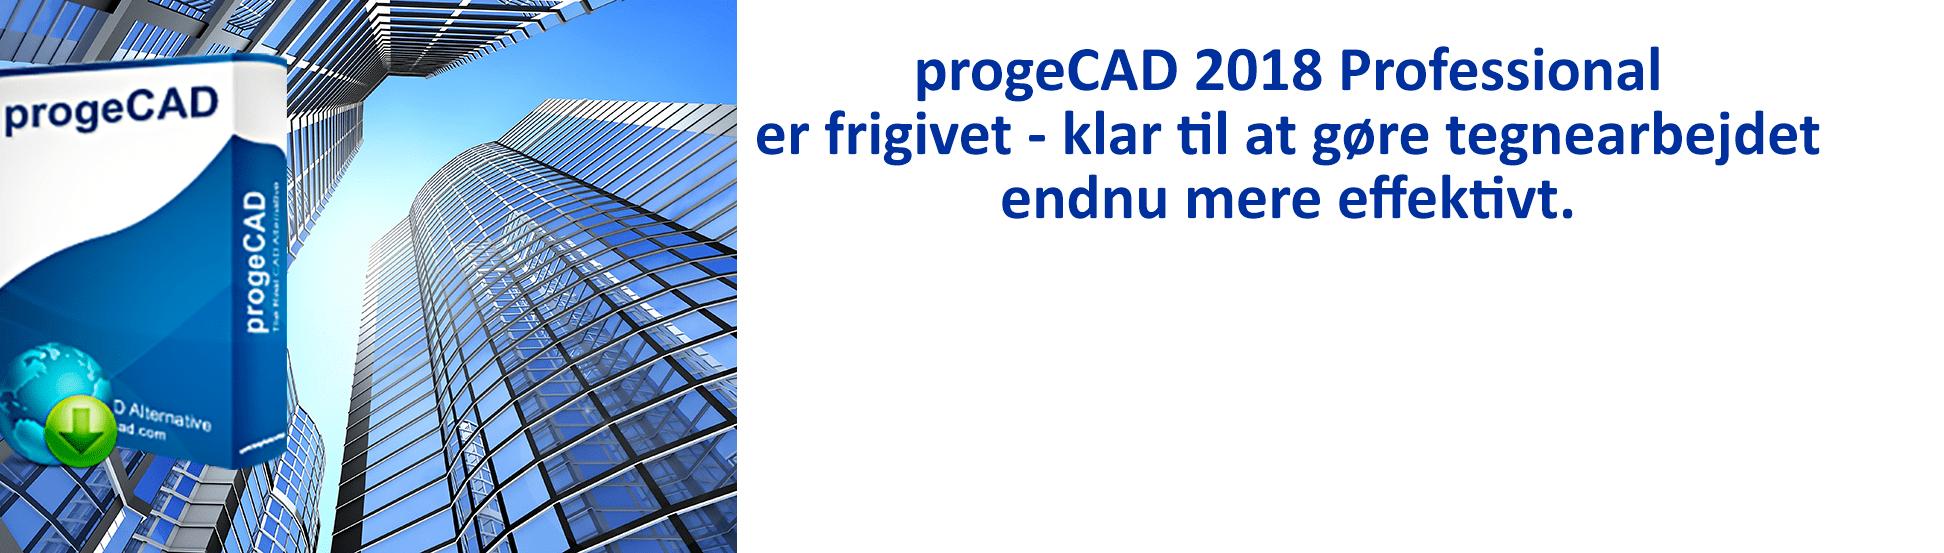 progeCAD 2018